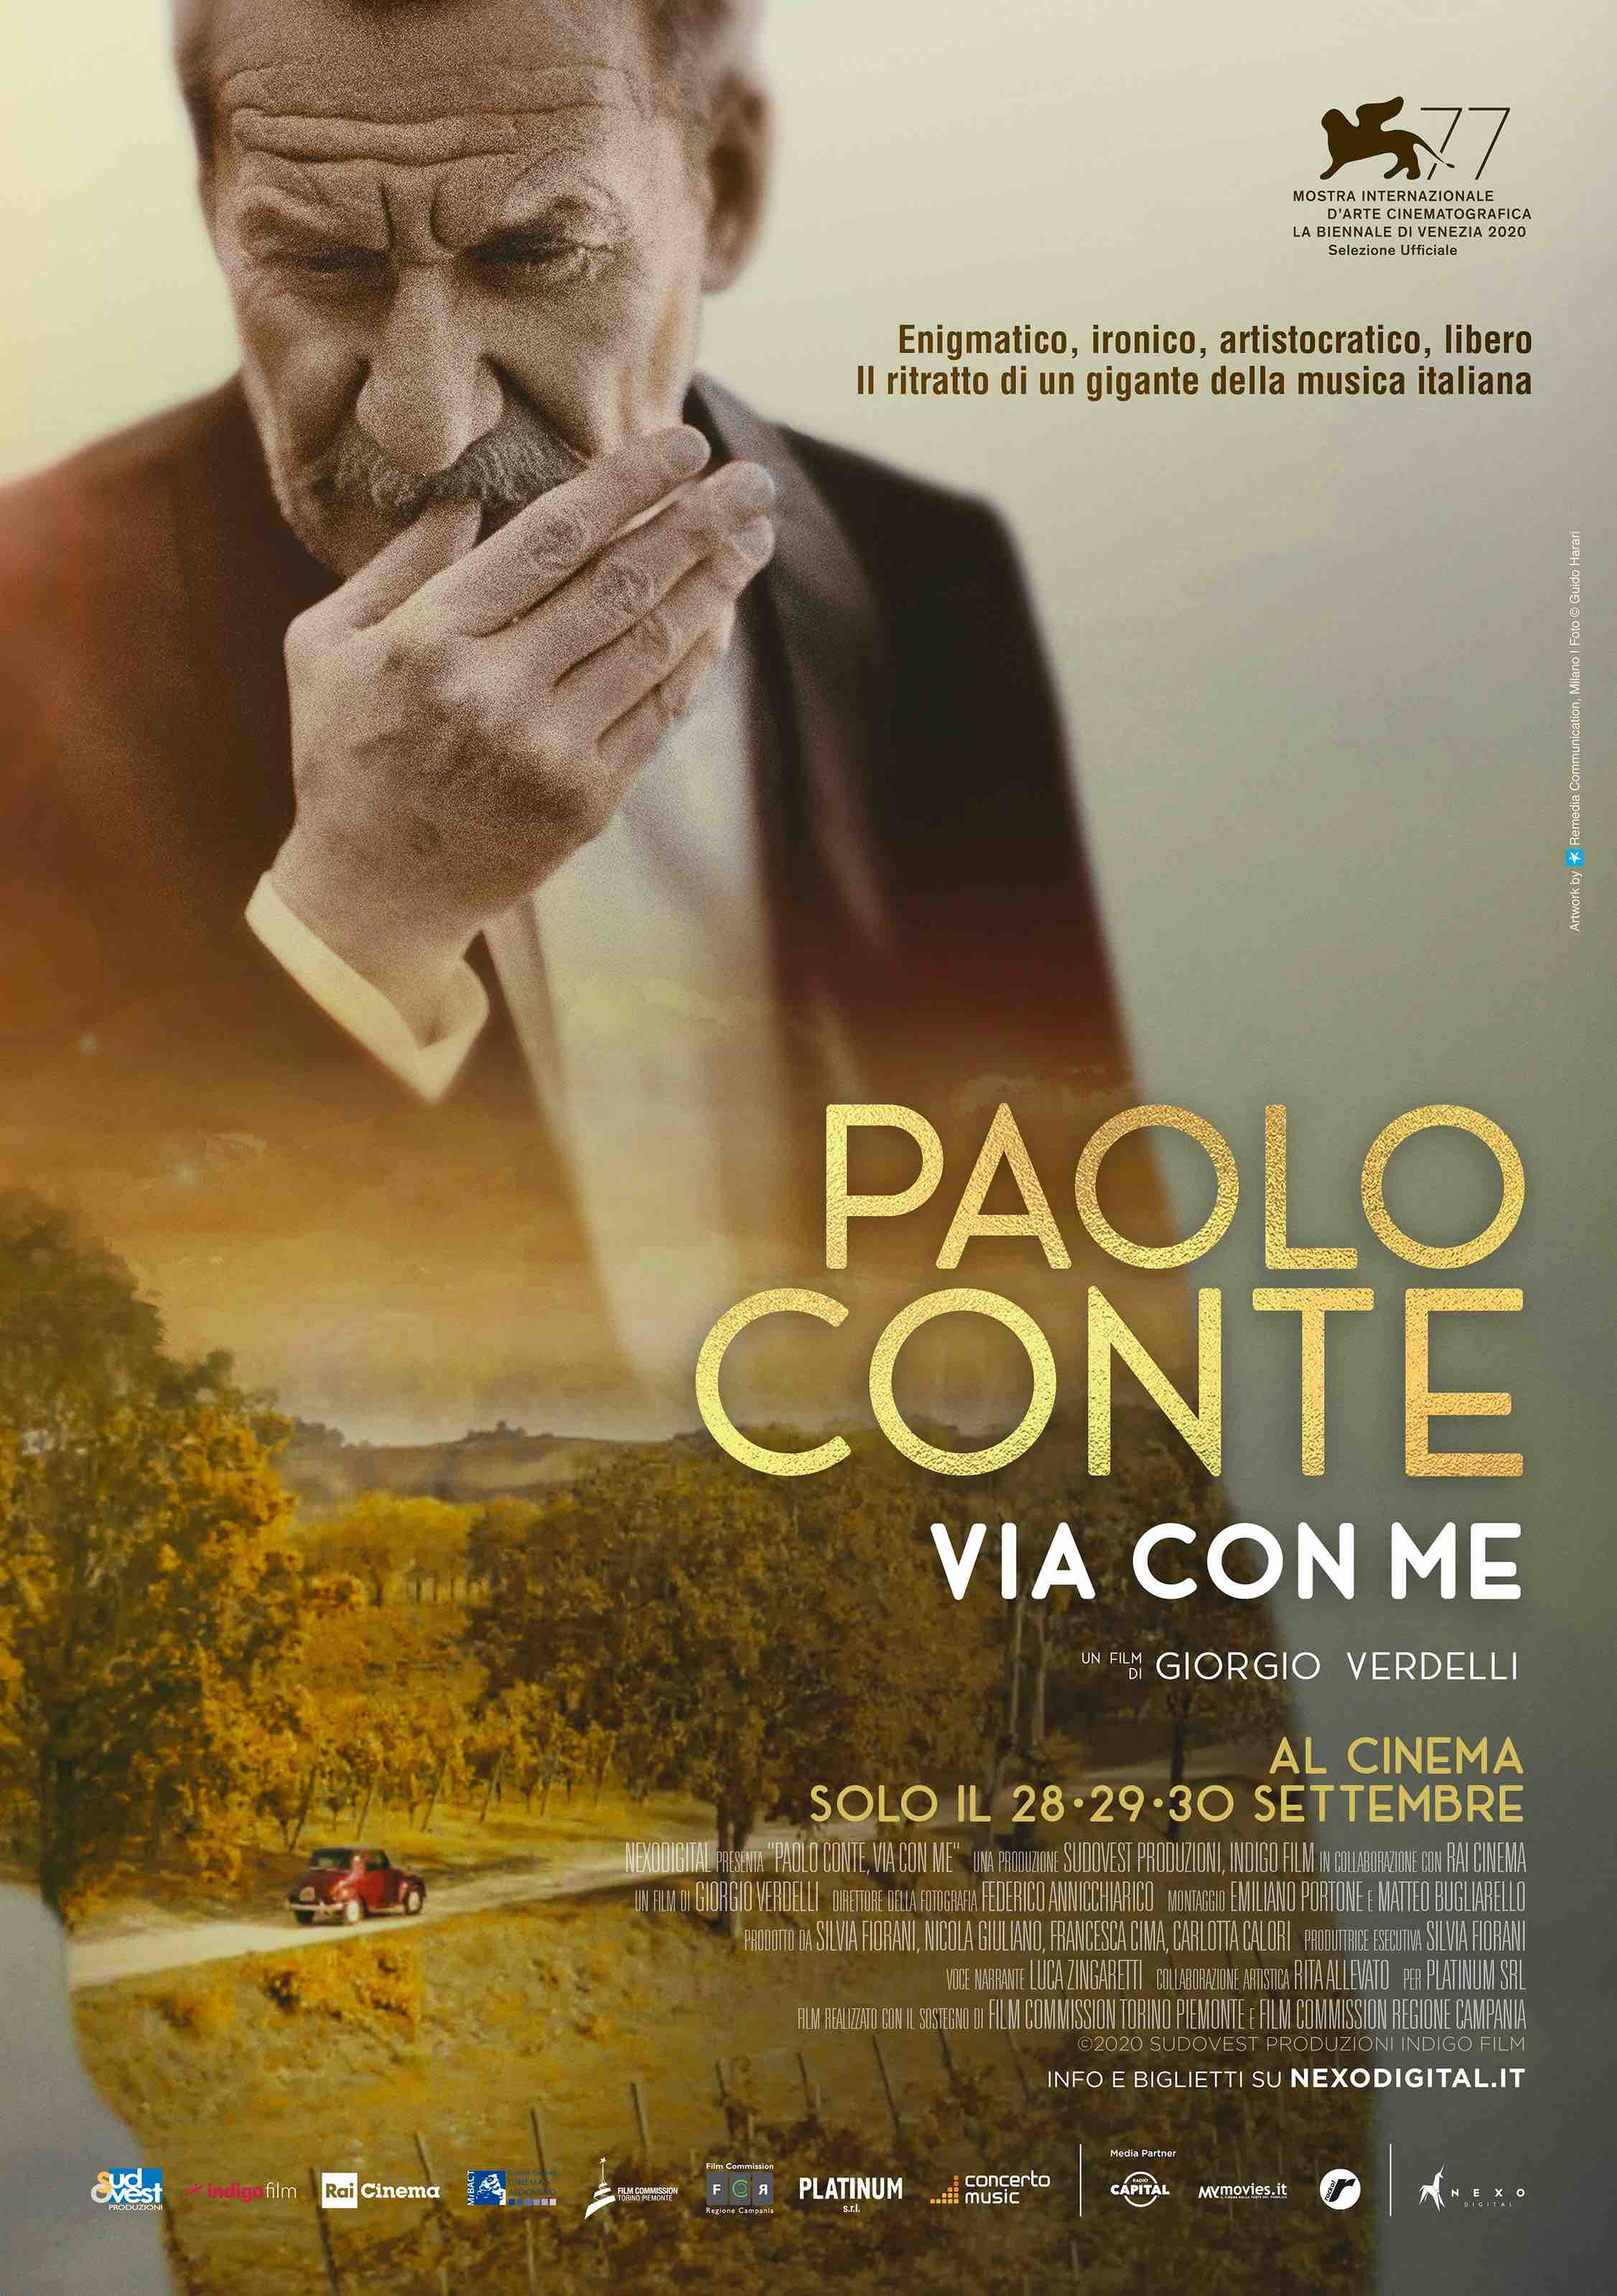 Paolo Conte, via con me: il documentario-evento a Venezia e poi al cinema